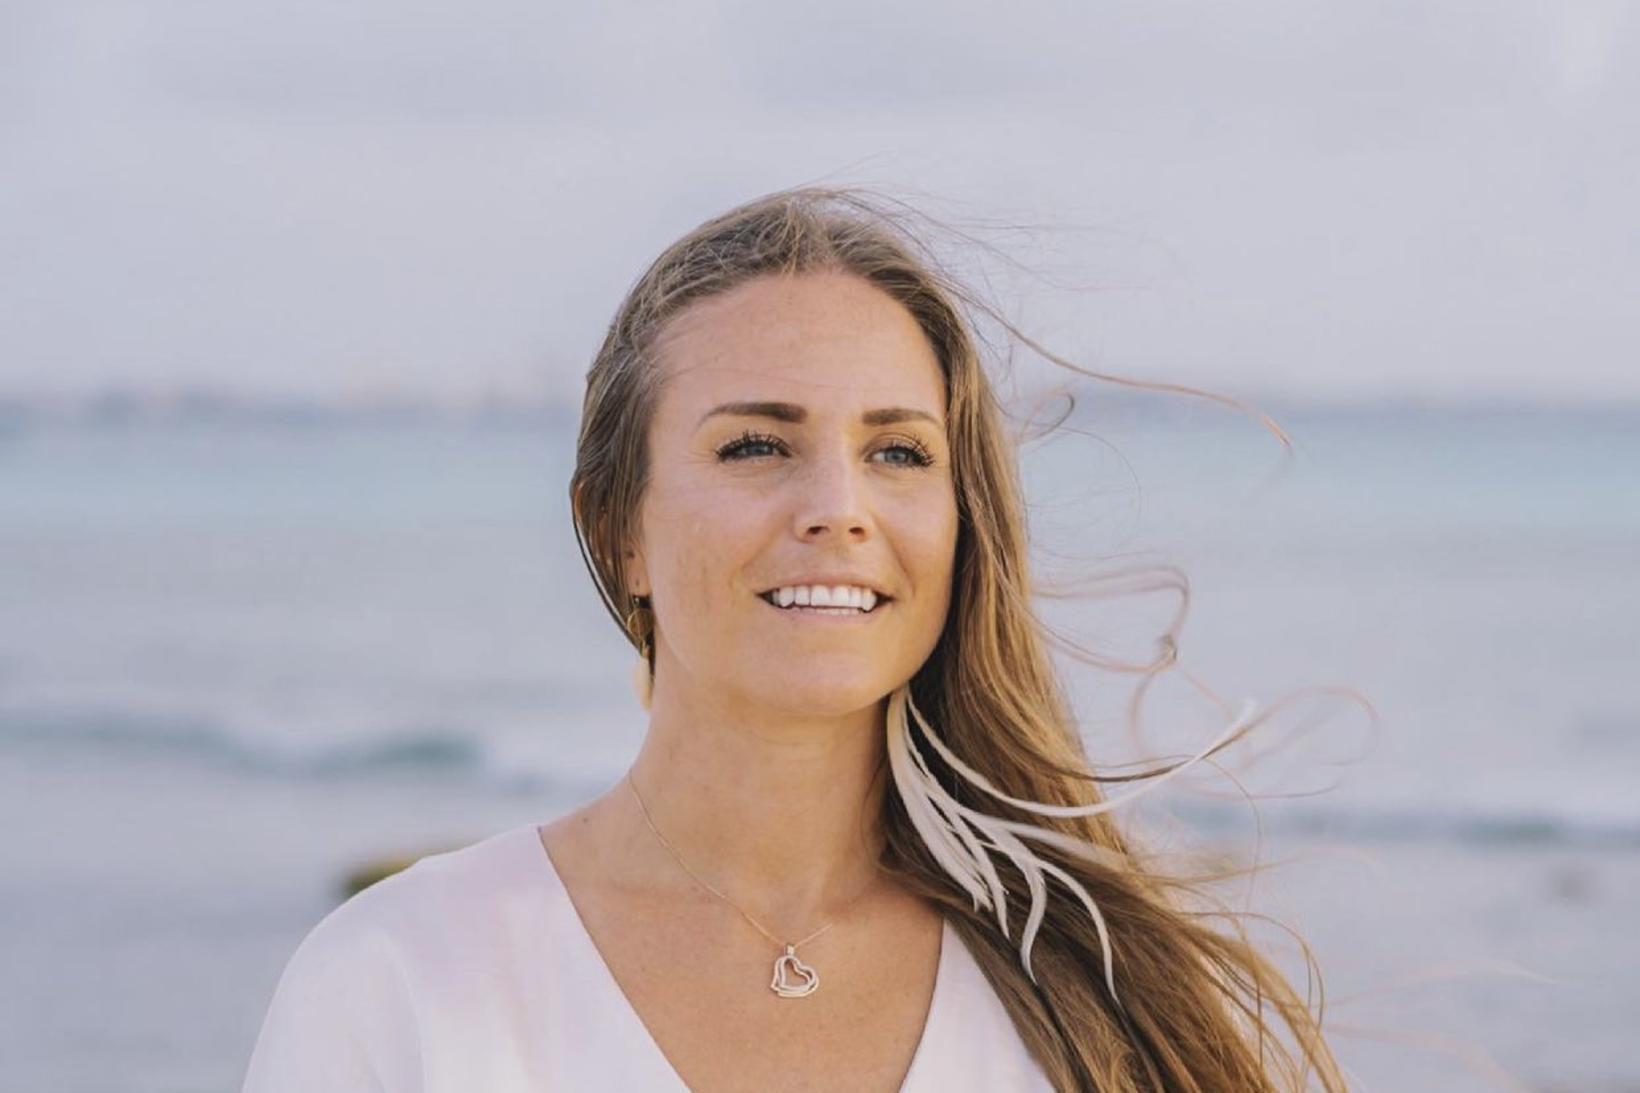 Rachel Brathen er gríðarlega vinsæll jógakennari og áhrifavaldur. Þá er …